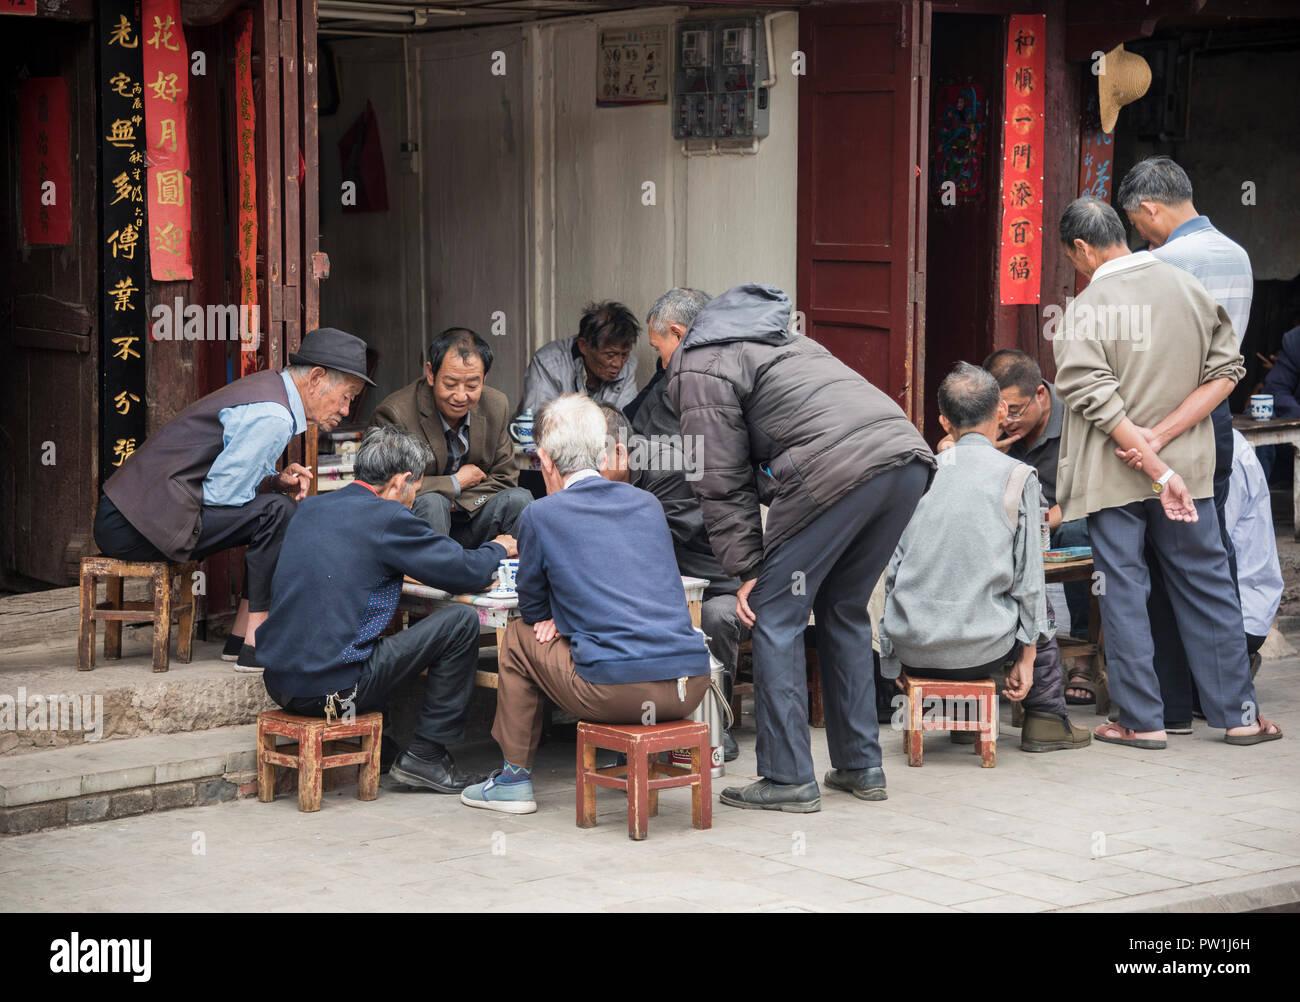 Les hommes chinois jouer à jeu dans une rue de Dali, Yunnan province sud-ouest de la Chine. Banque D'Images